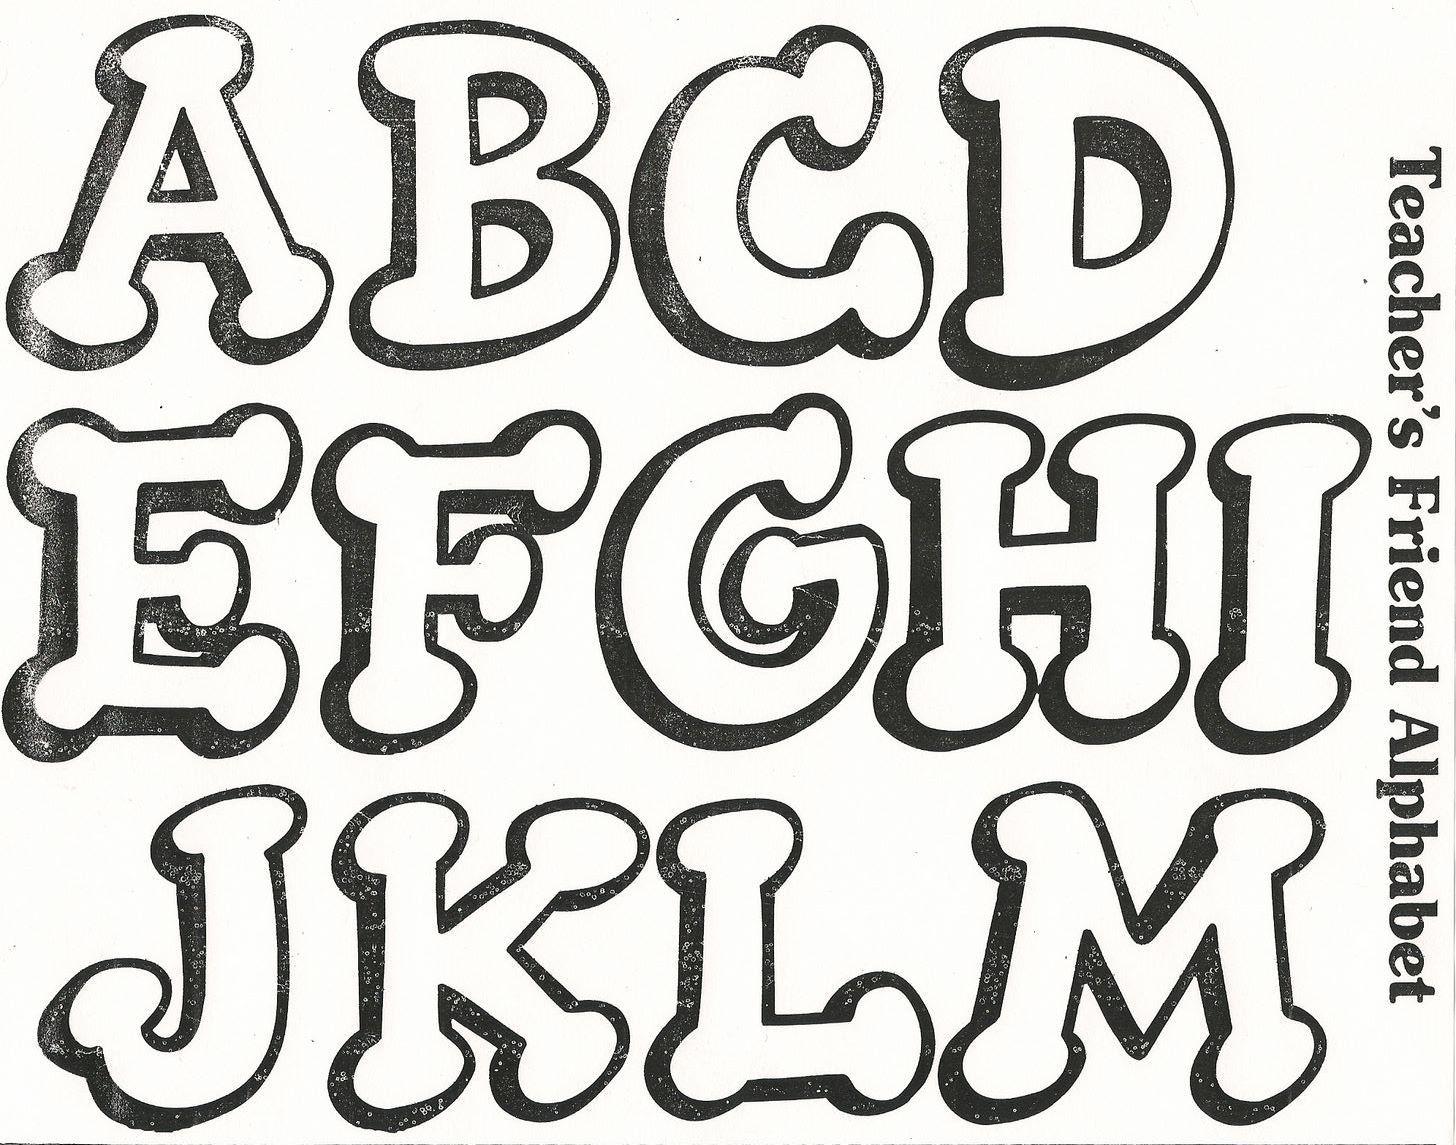 Letra p moldes manualidades pinterest letras molde - Letras decorativas pared ...